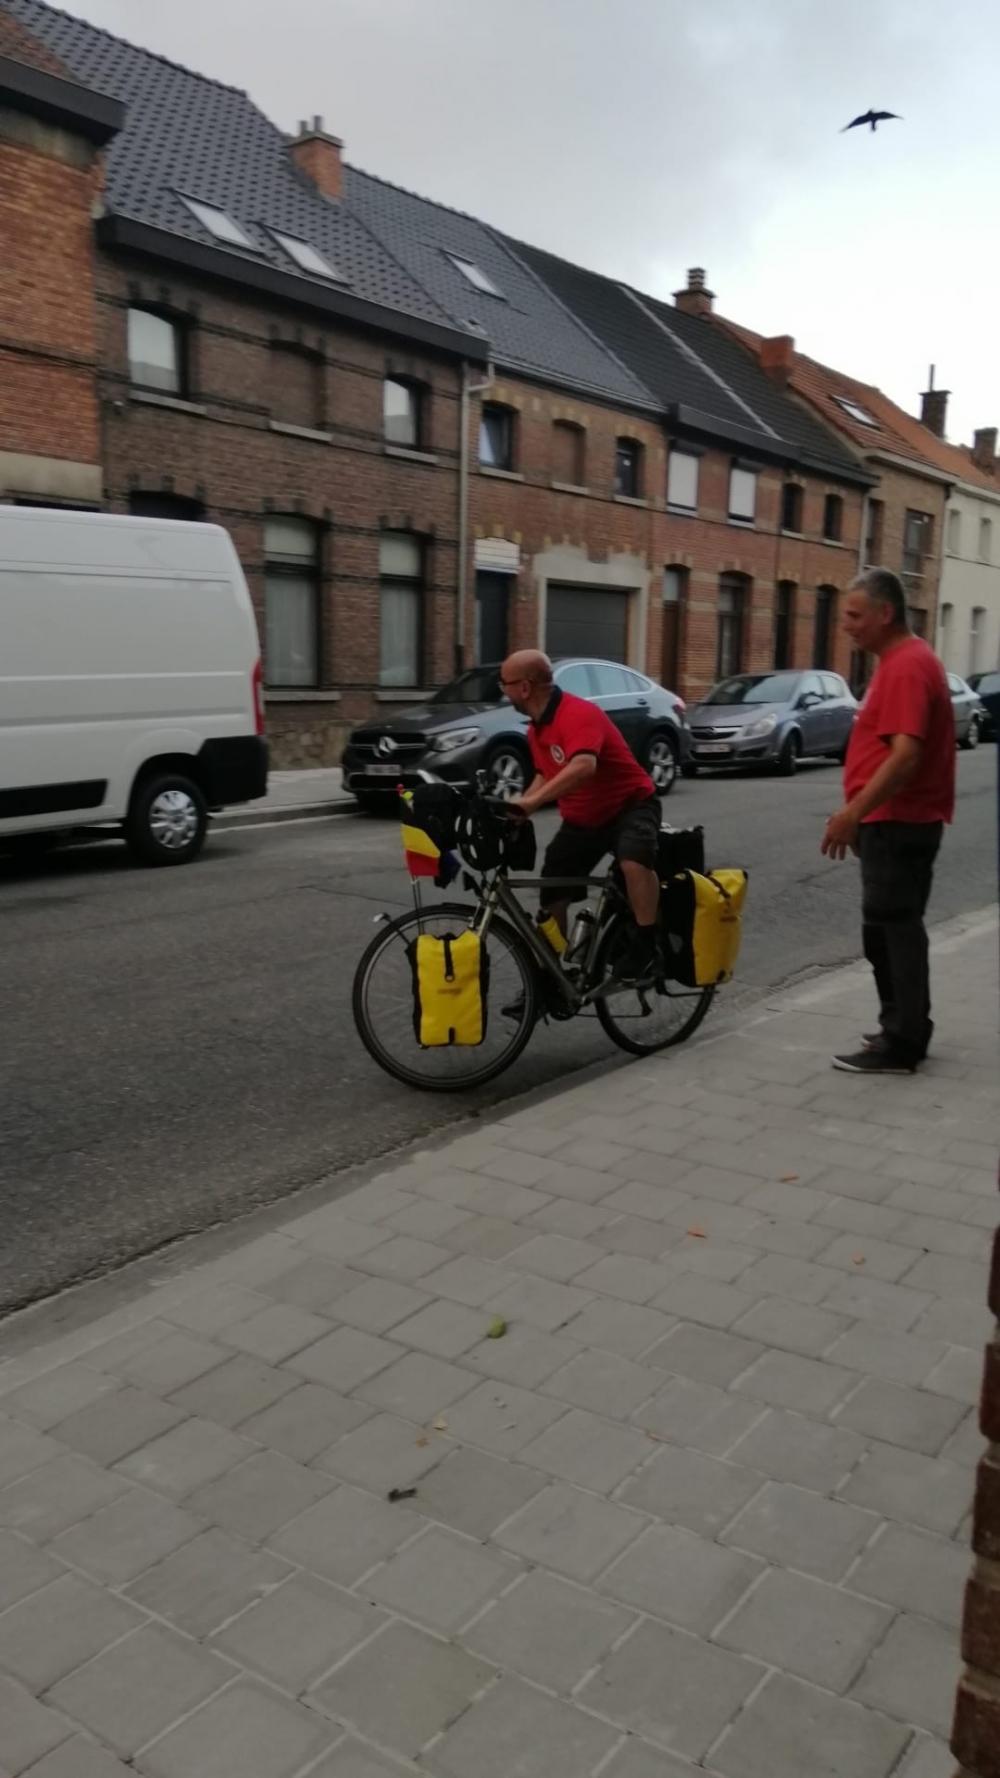 Belçika'dan Kayseri'ye bisikletle yola çıktı galerisi resim 2